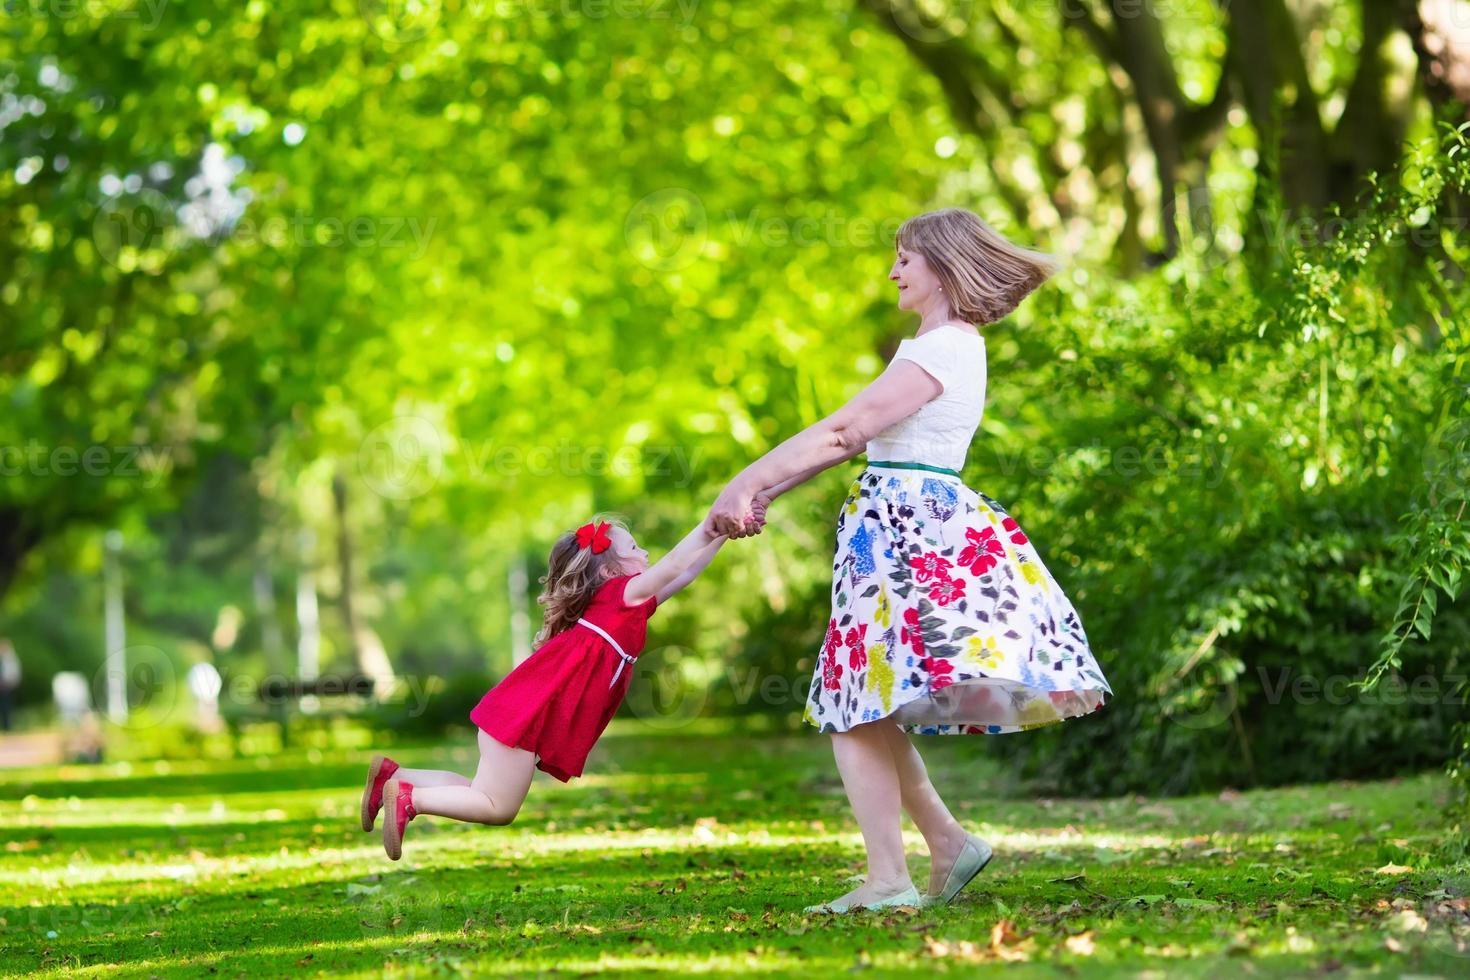 mère et fille jouant dans un parc photo